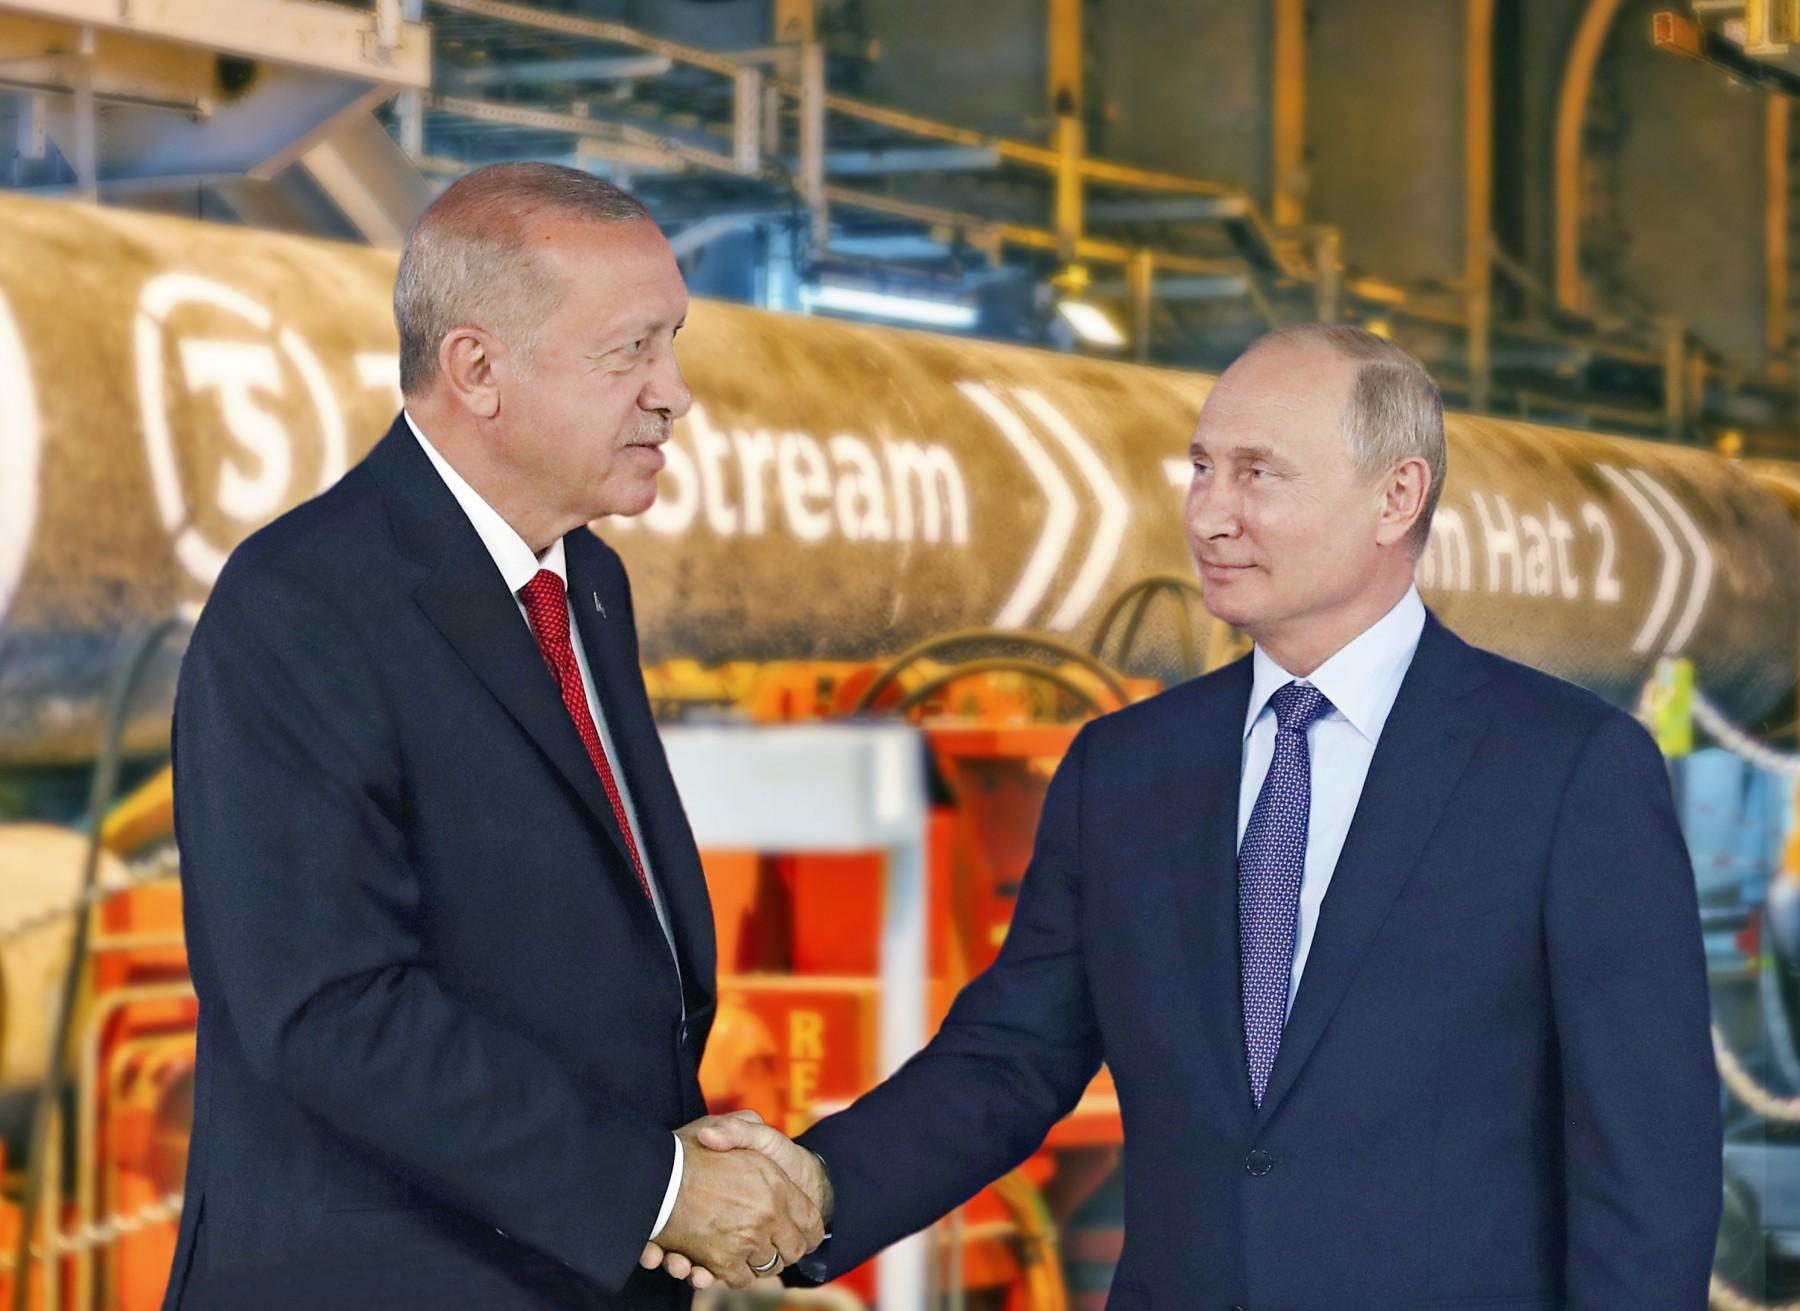 Την Τουρκία θα επισκεφθεί τον Ιανουάριο ο Β. Πούτιν – Δεν κάνει πίσω για τους S-400 ο Ερντογάν